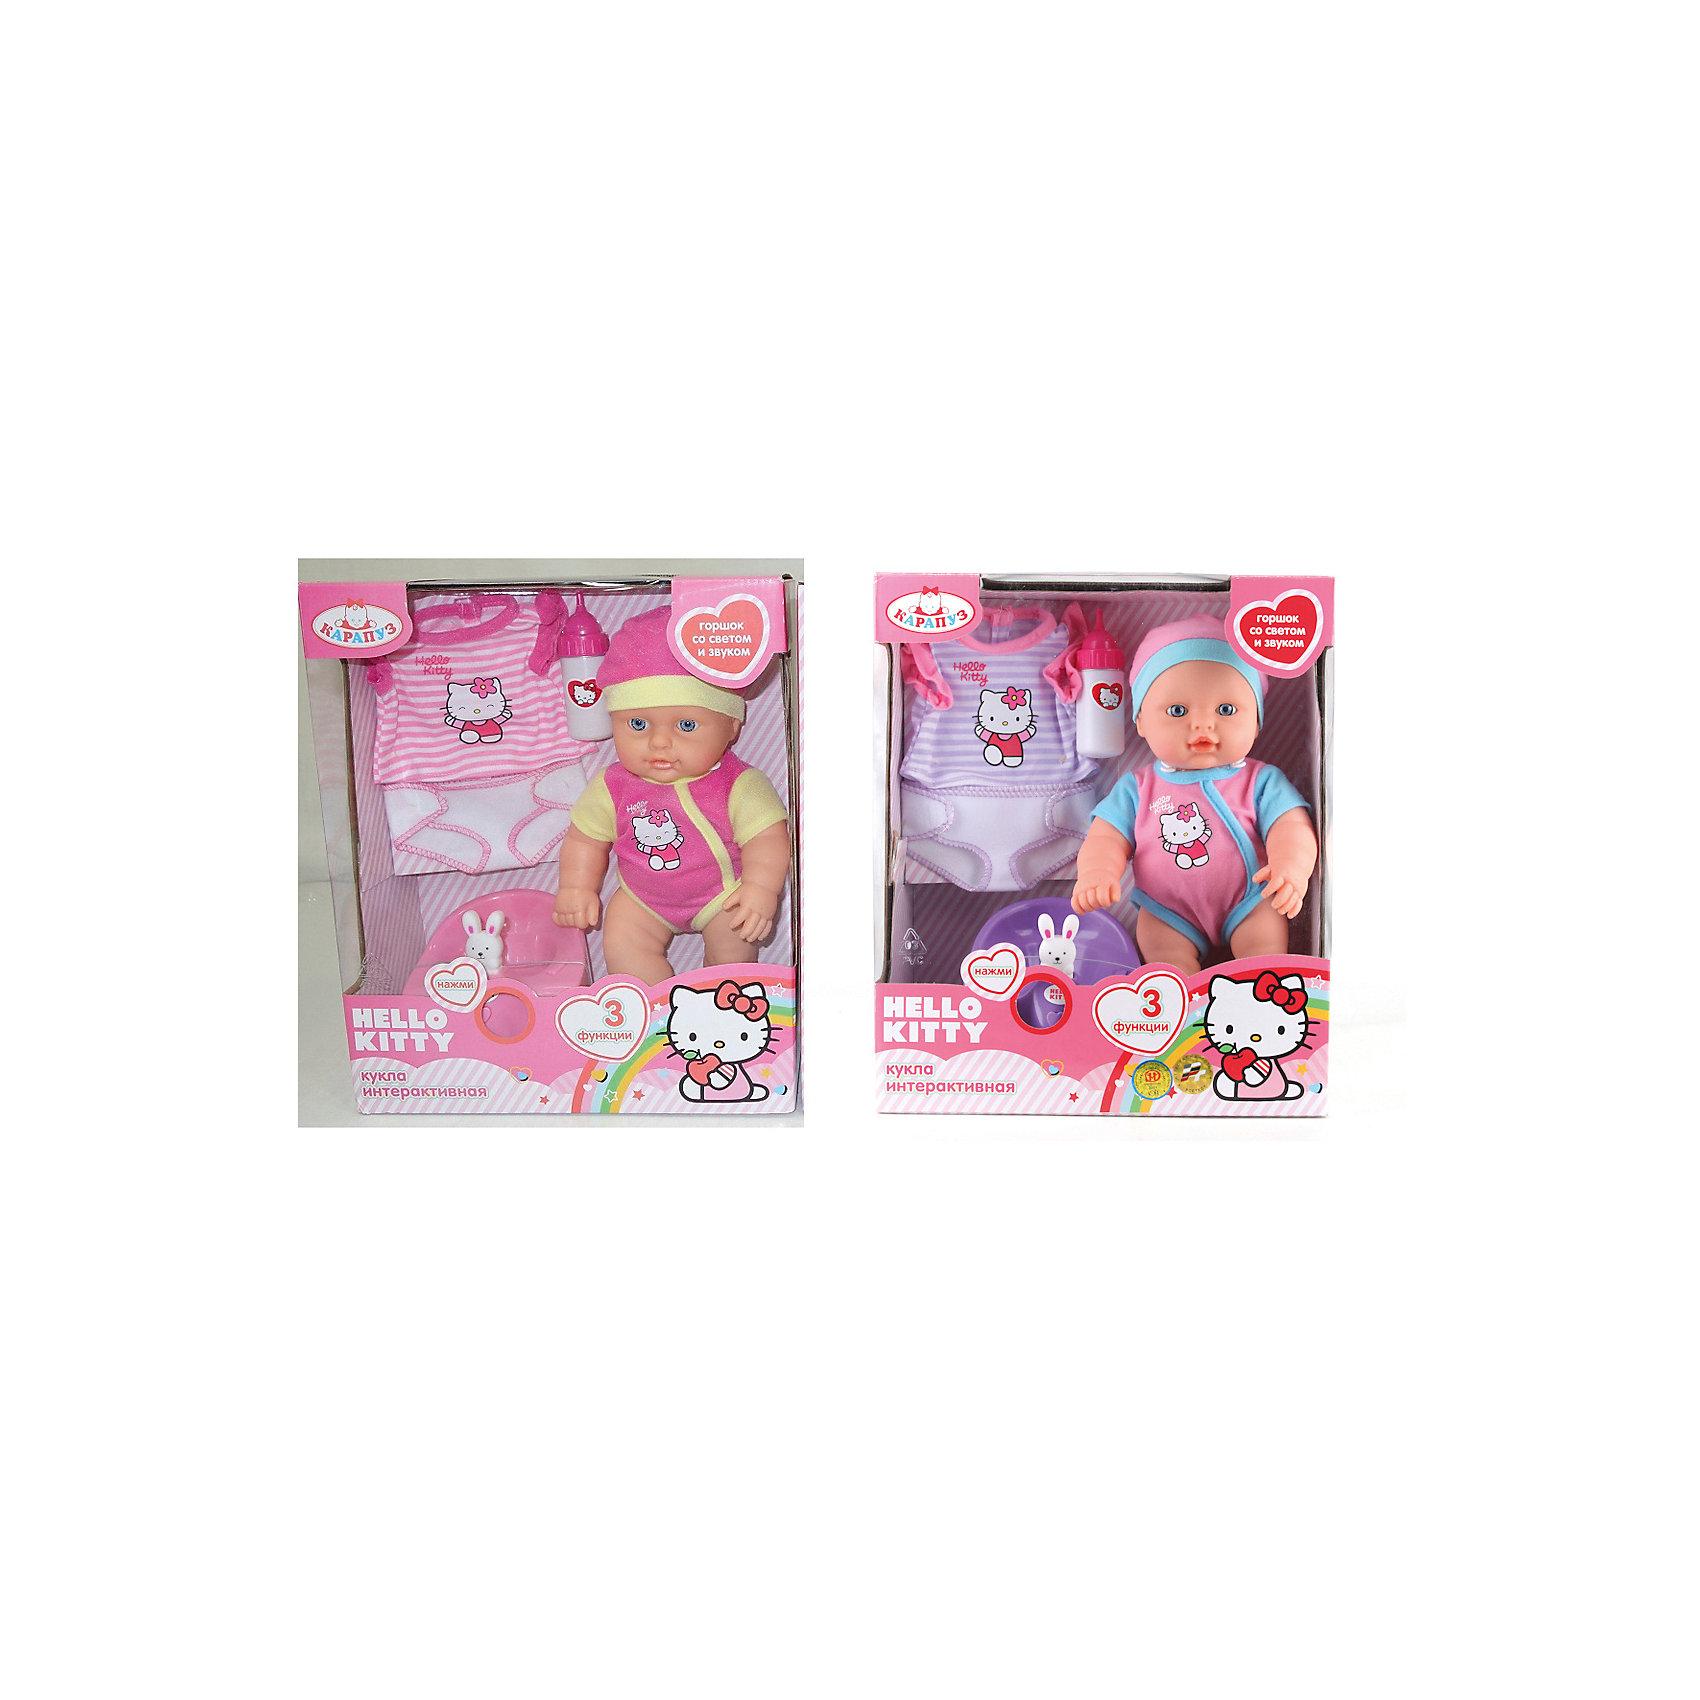 Интерактивная кукла Hello  Kitty, 30 см, КарапузИнтерактивные куклы<br>Интерактивная кукла Hello  Kitty, Карапуз станет любимицей ваше девочки. Играя с такой куклой, девочка будет учиться заботиться и ухаживать за теми, кто младше. Куколка выглядит как настоящий младенец, может пить из бутылочки и писать в горшочек, ручки и ножки двигаются. Если нажать на специальную кнопку на горшочке, то на нем начнет светиться игрушка-зайчонок и зазвучит мелодия. Куклу можно купать. Пупс одет в симпатичный комбинезон с изображением белой кошечки Hello  Kitty и розовую шапочку. В<br>набор также входят бутылочка, горшочек со звуком и светом и дополнительный комплект сменной одежды.<br><br>Дополнительная информация:<br><br>- Материал: пластик, текстиль.<br>- Для куклы батарейки не требуются. Интерактивные аксессуары работают от батареек (демонстрационные в комплекте)<br>- Размер куклы: 30 см.<br>- Размер упаковки: 28 х 33 х 12 см. <br>- Вес: 0,9 кг.<br><br>Интерактивную куклу Hello  Kitty (Хелло Кити) , Карапуз можно купить в нашем интернет-магазине.<br><br>Ширина мм: 260<br>Глубина мм: 120<br>Высота мм: 330<br>Вес г: 790<br>Возраст от месяцев: 36<br>Возраст до месяцев: 120<br>Пол: Женский<br>Возраст: Детский<br>SKU: 3778124